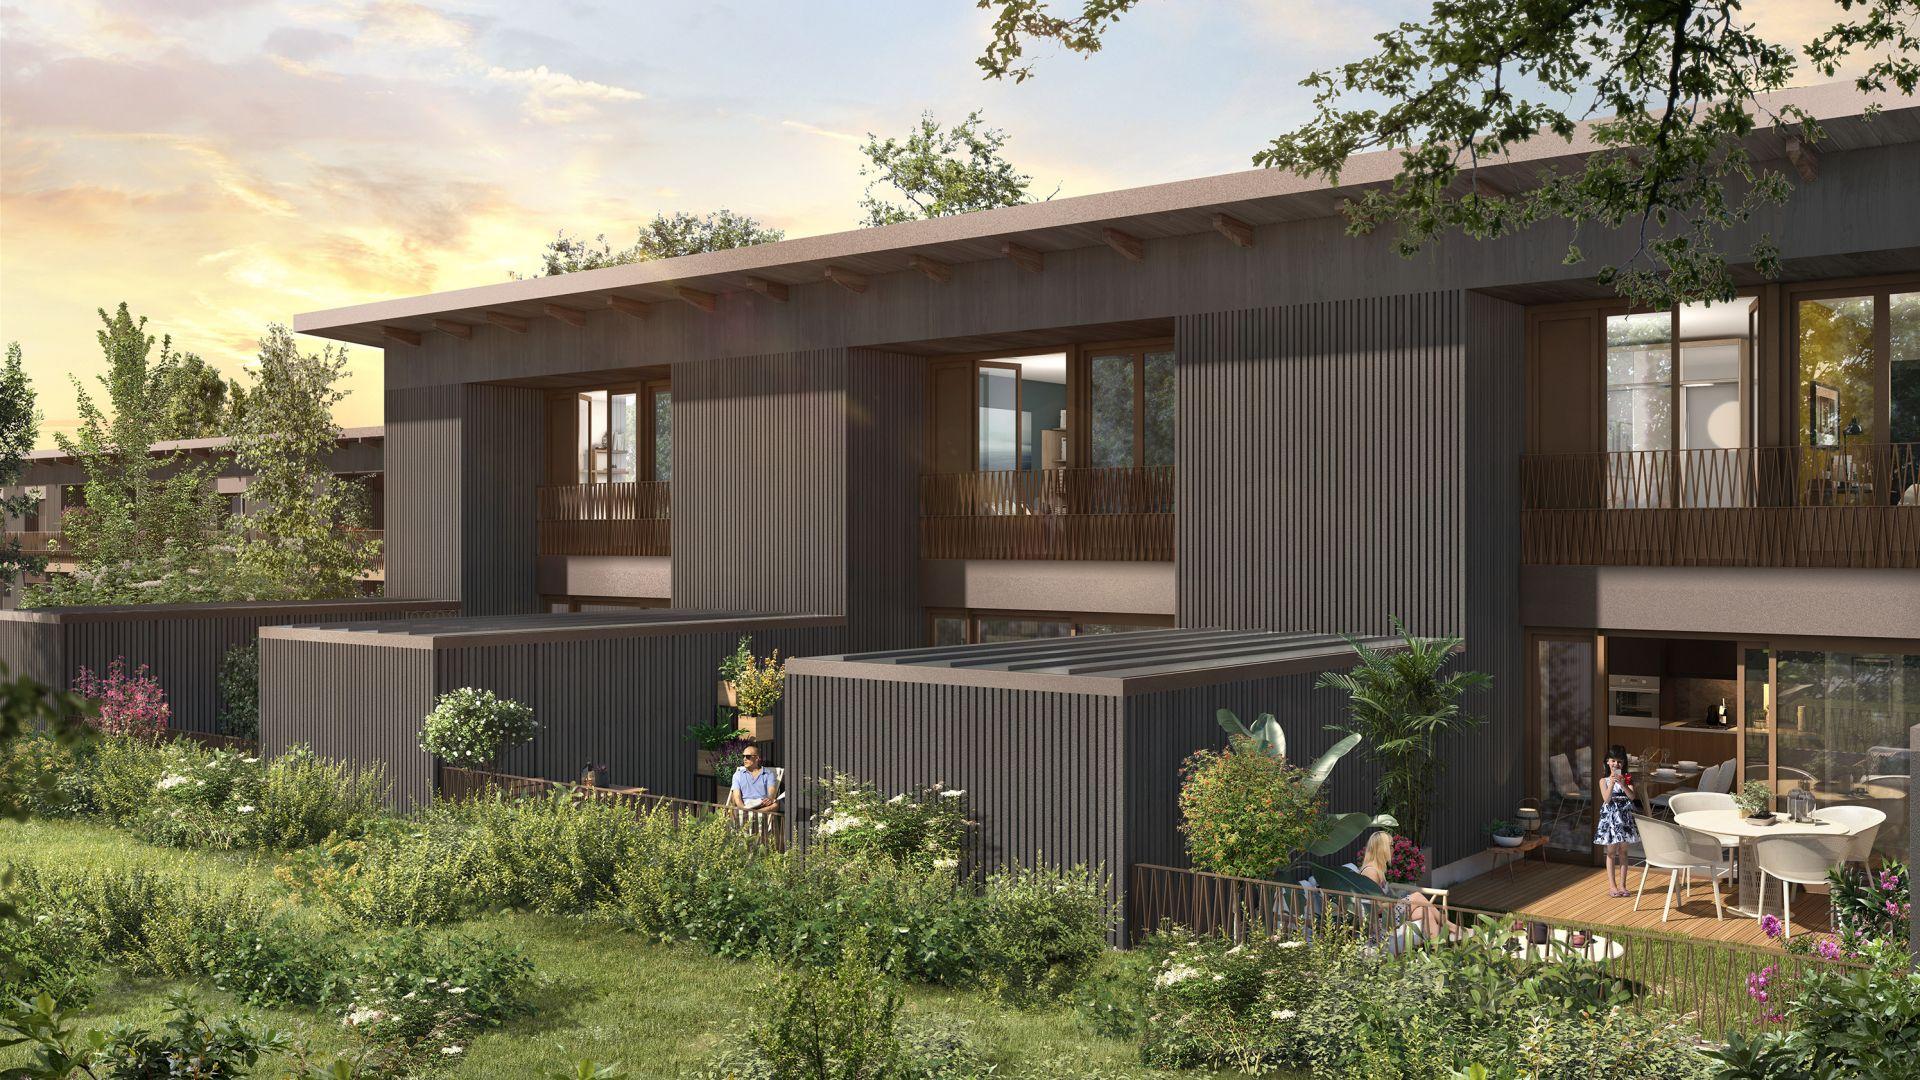 Greencity Immobilier - Résidence Carré Flore - 31700 Cornebarrieu - achat immobilier neuf - appartements et villas  du T2 au T5 - villa jardin